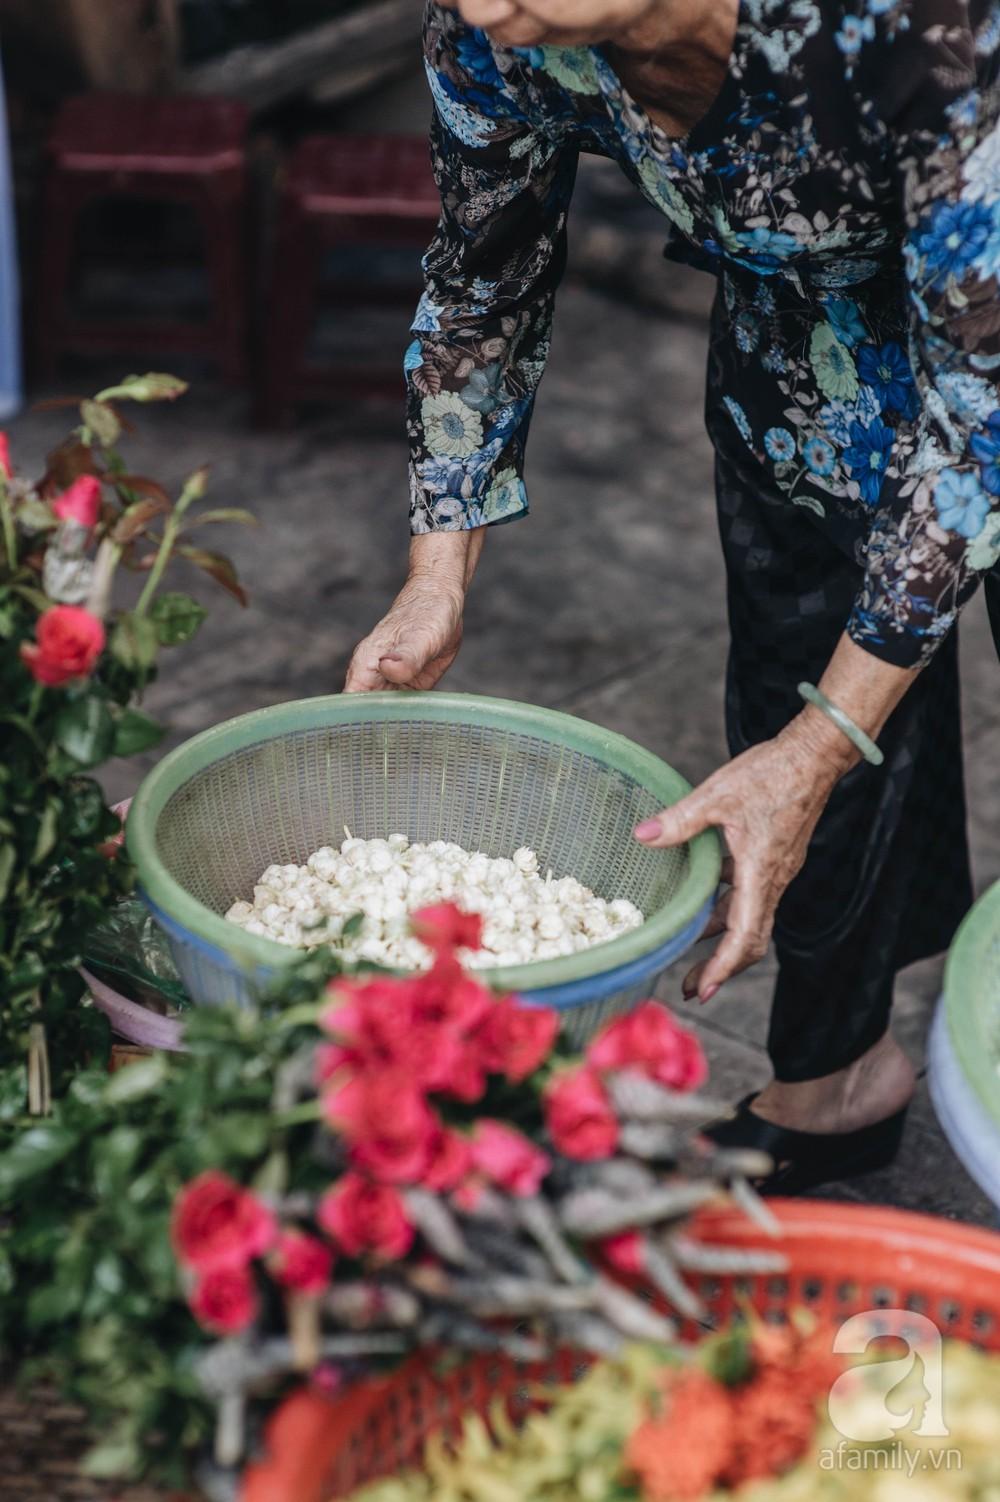 Triết lý sung sướng phụ nữ hiện đại nào cũng phải học từ cụ bà 81 tuổi bán hoa gói lá 70 năm ở góc chợ Đồng Xuân - Ảnh 3.